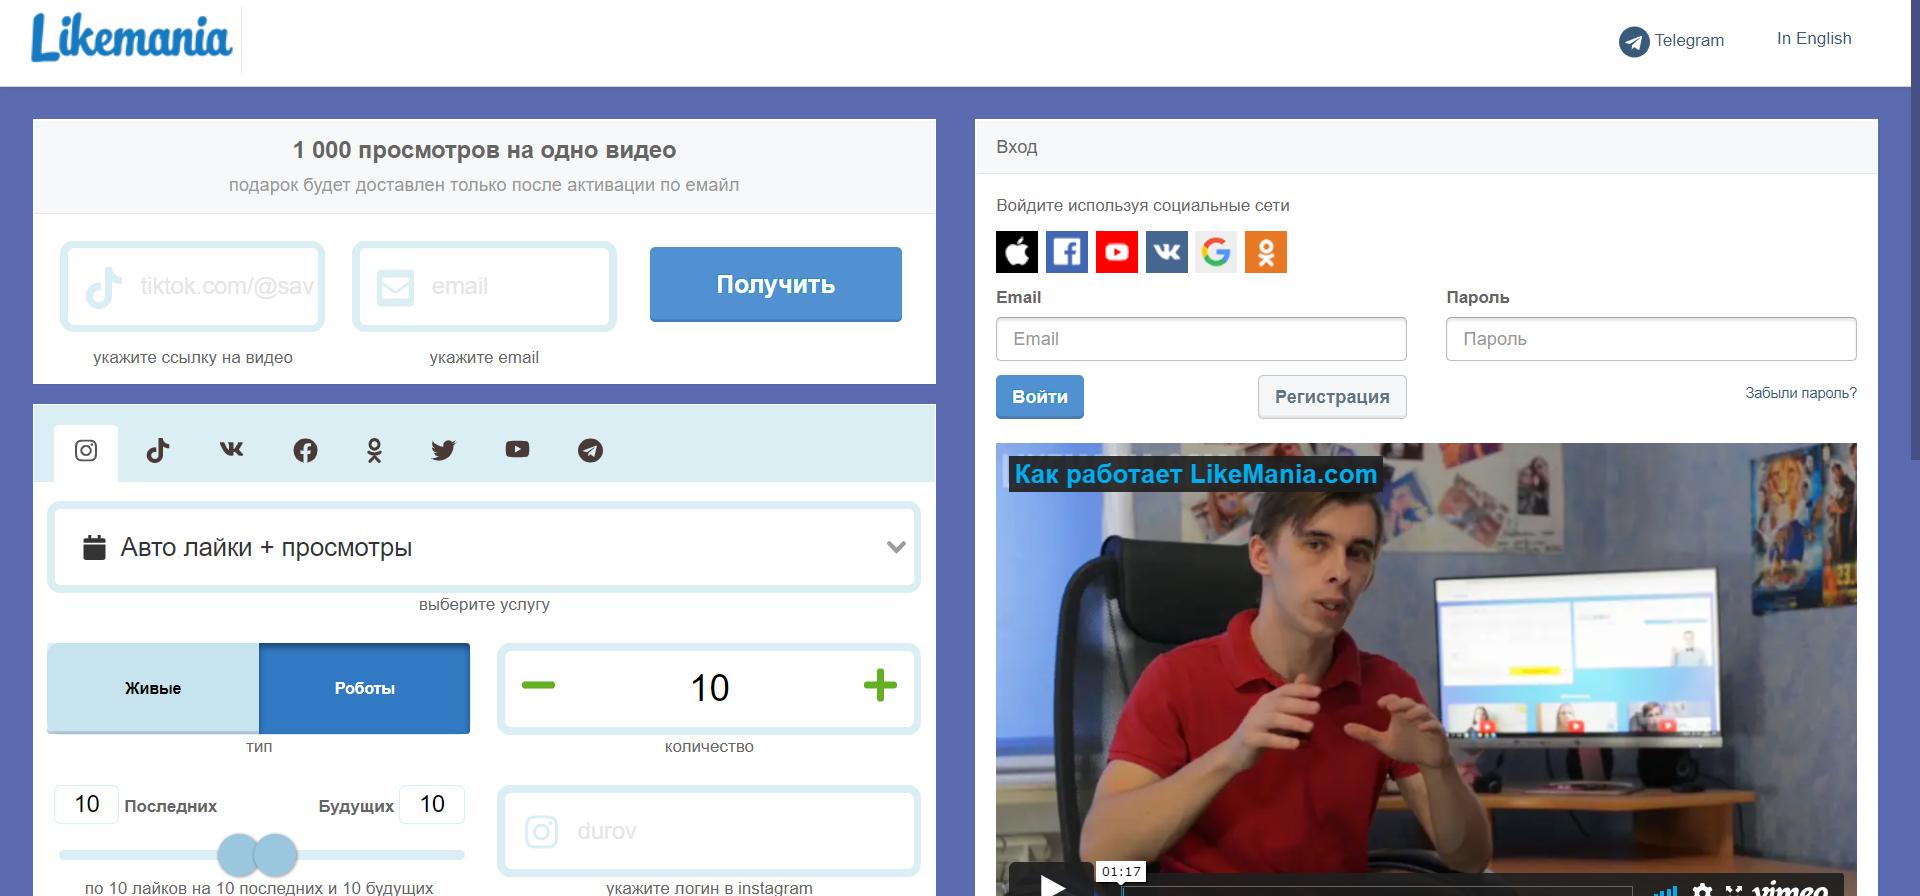 Likemania сервис для накрутки подписчиков в инстаграме